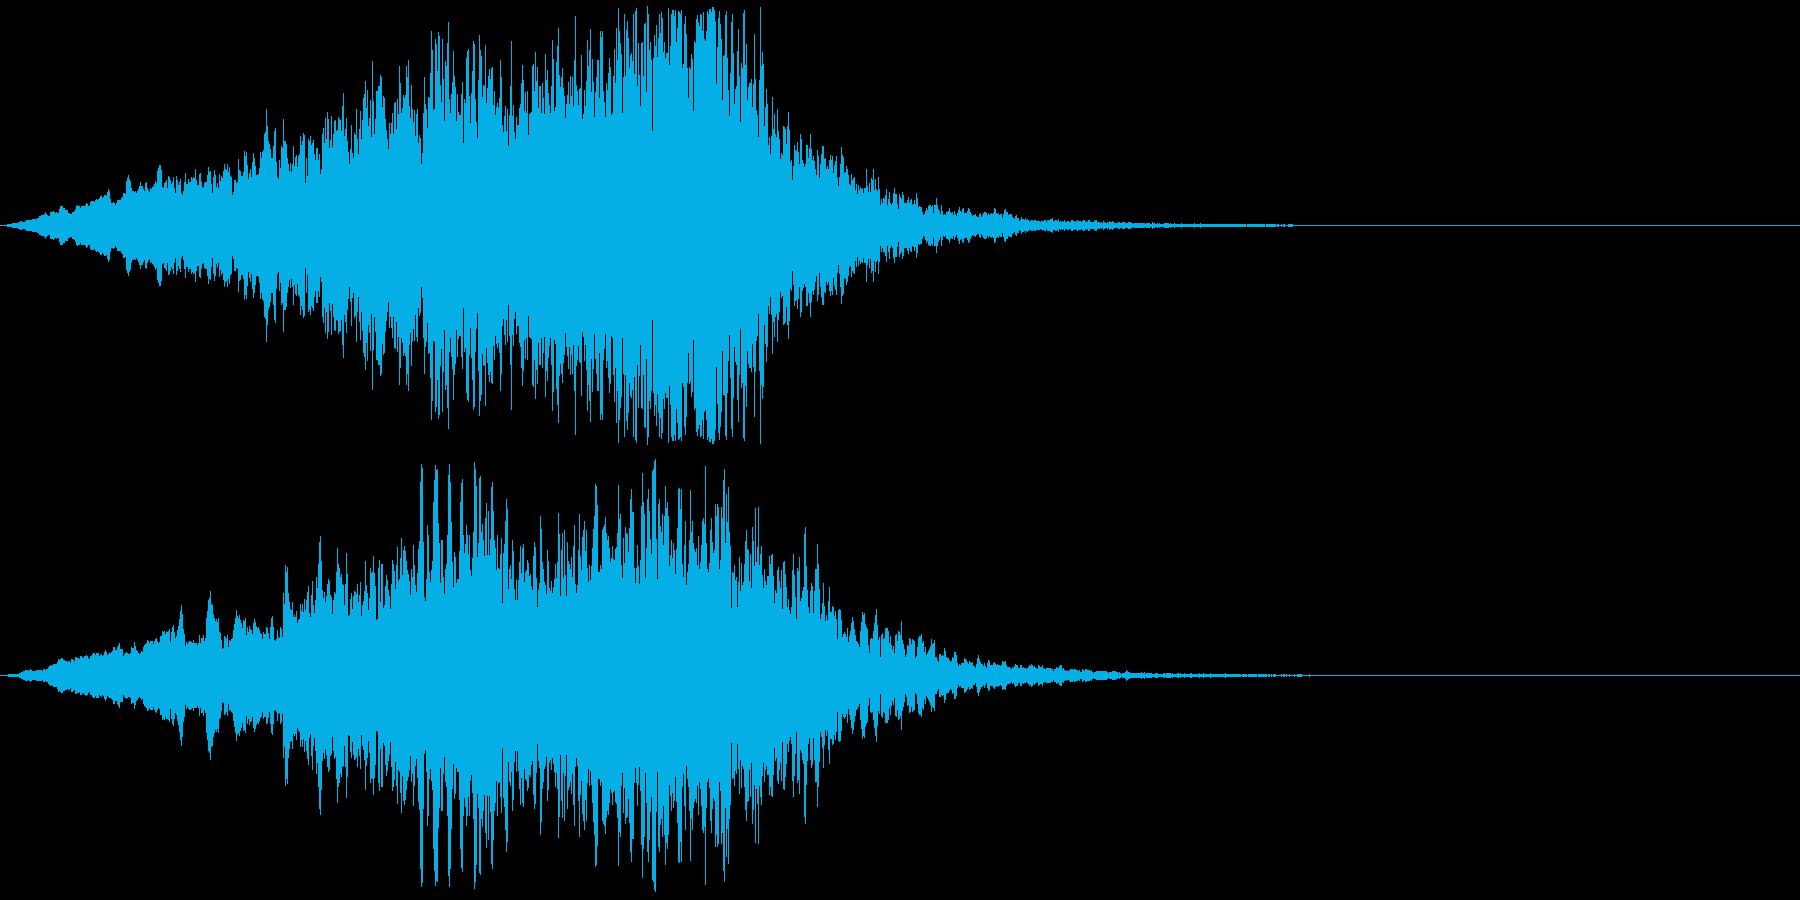 怖い系効果音 キィー 弦楽器の不協和音の再生済みの波形